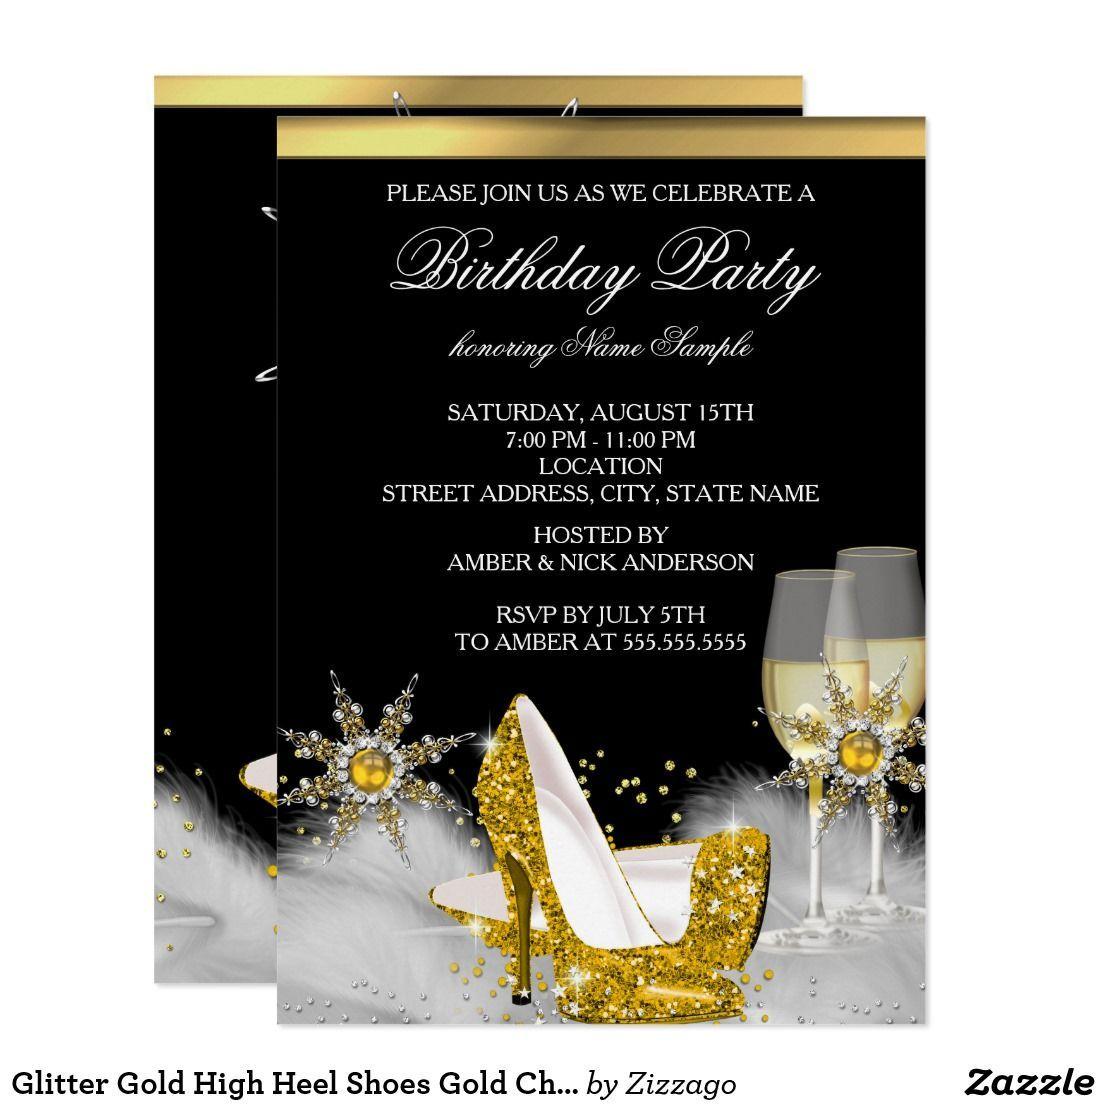 Glitter Gold High Heel Shoes